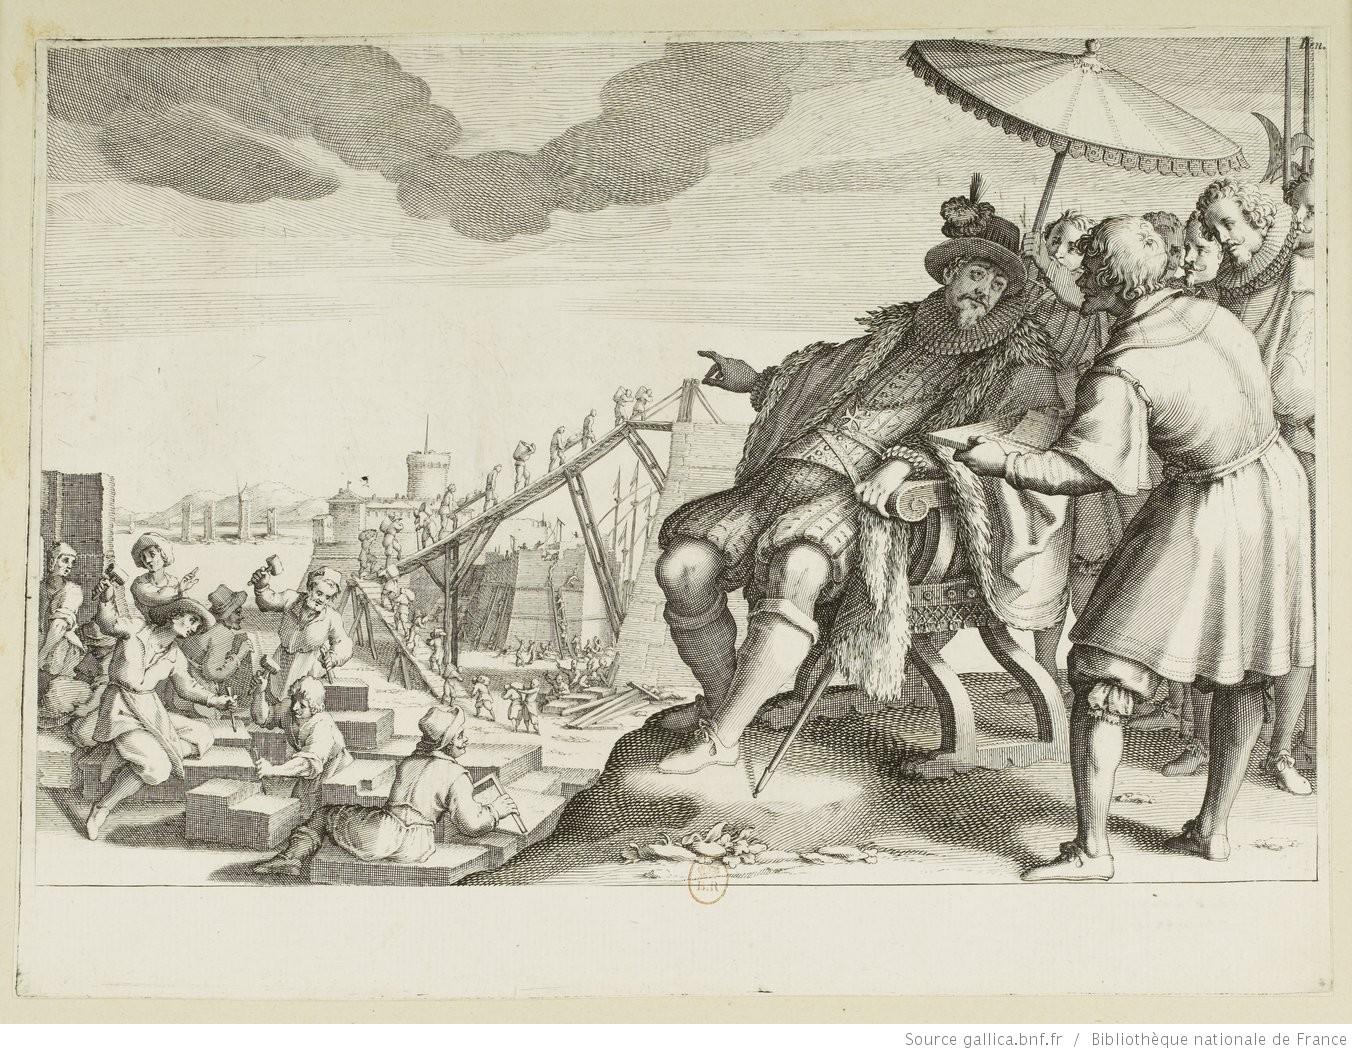 La vie de Ferdinand Ier de Médicis. 4. Le Grand Duc fait fortifier le port de Livourne: Jacques Callot sculp. Matteo Roselli inv. 1619-1620